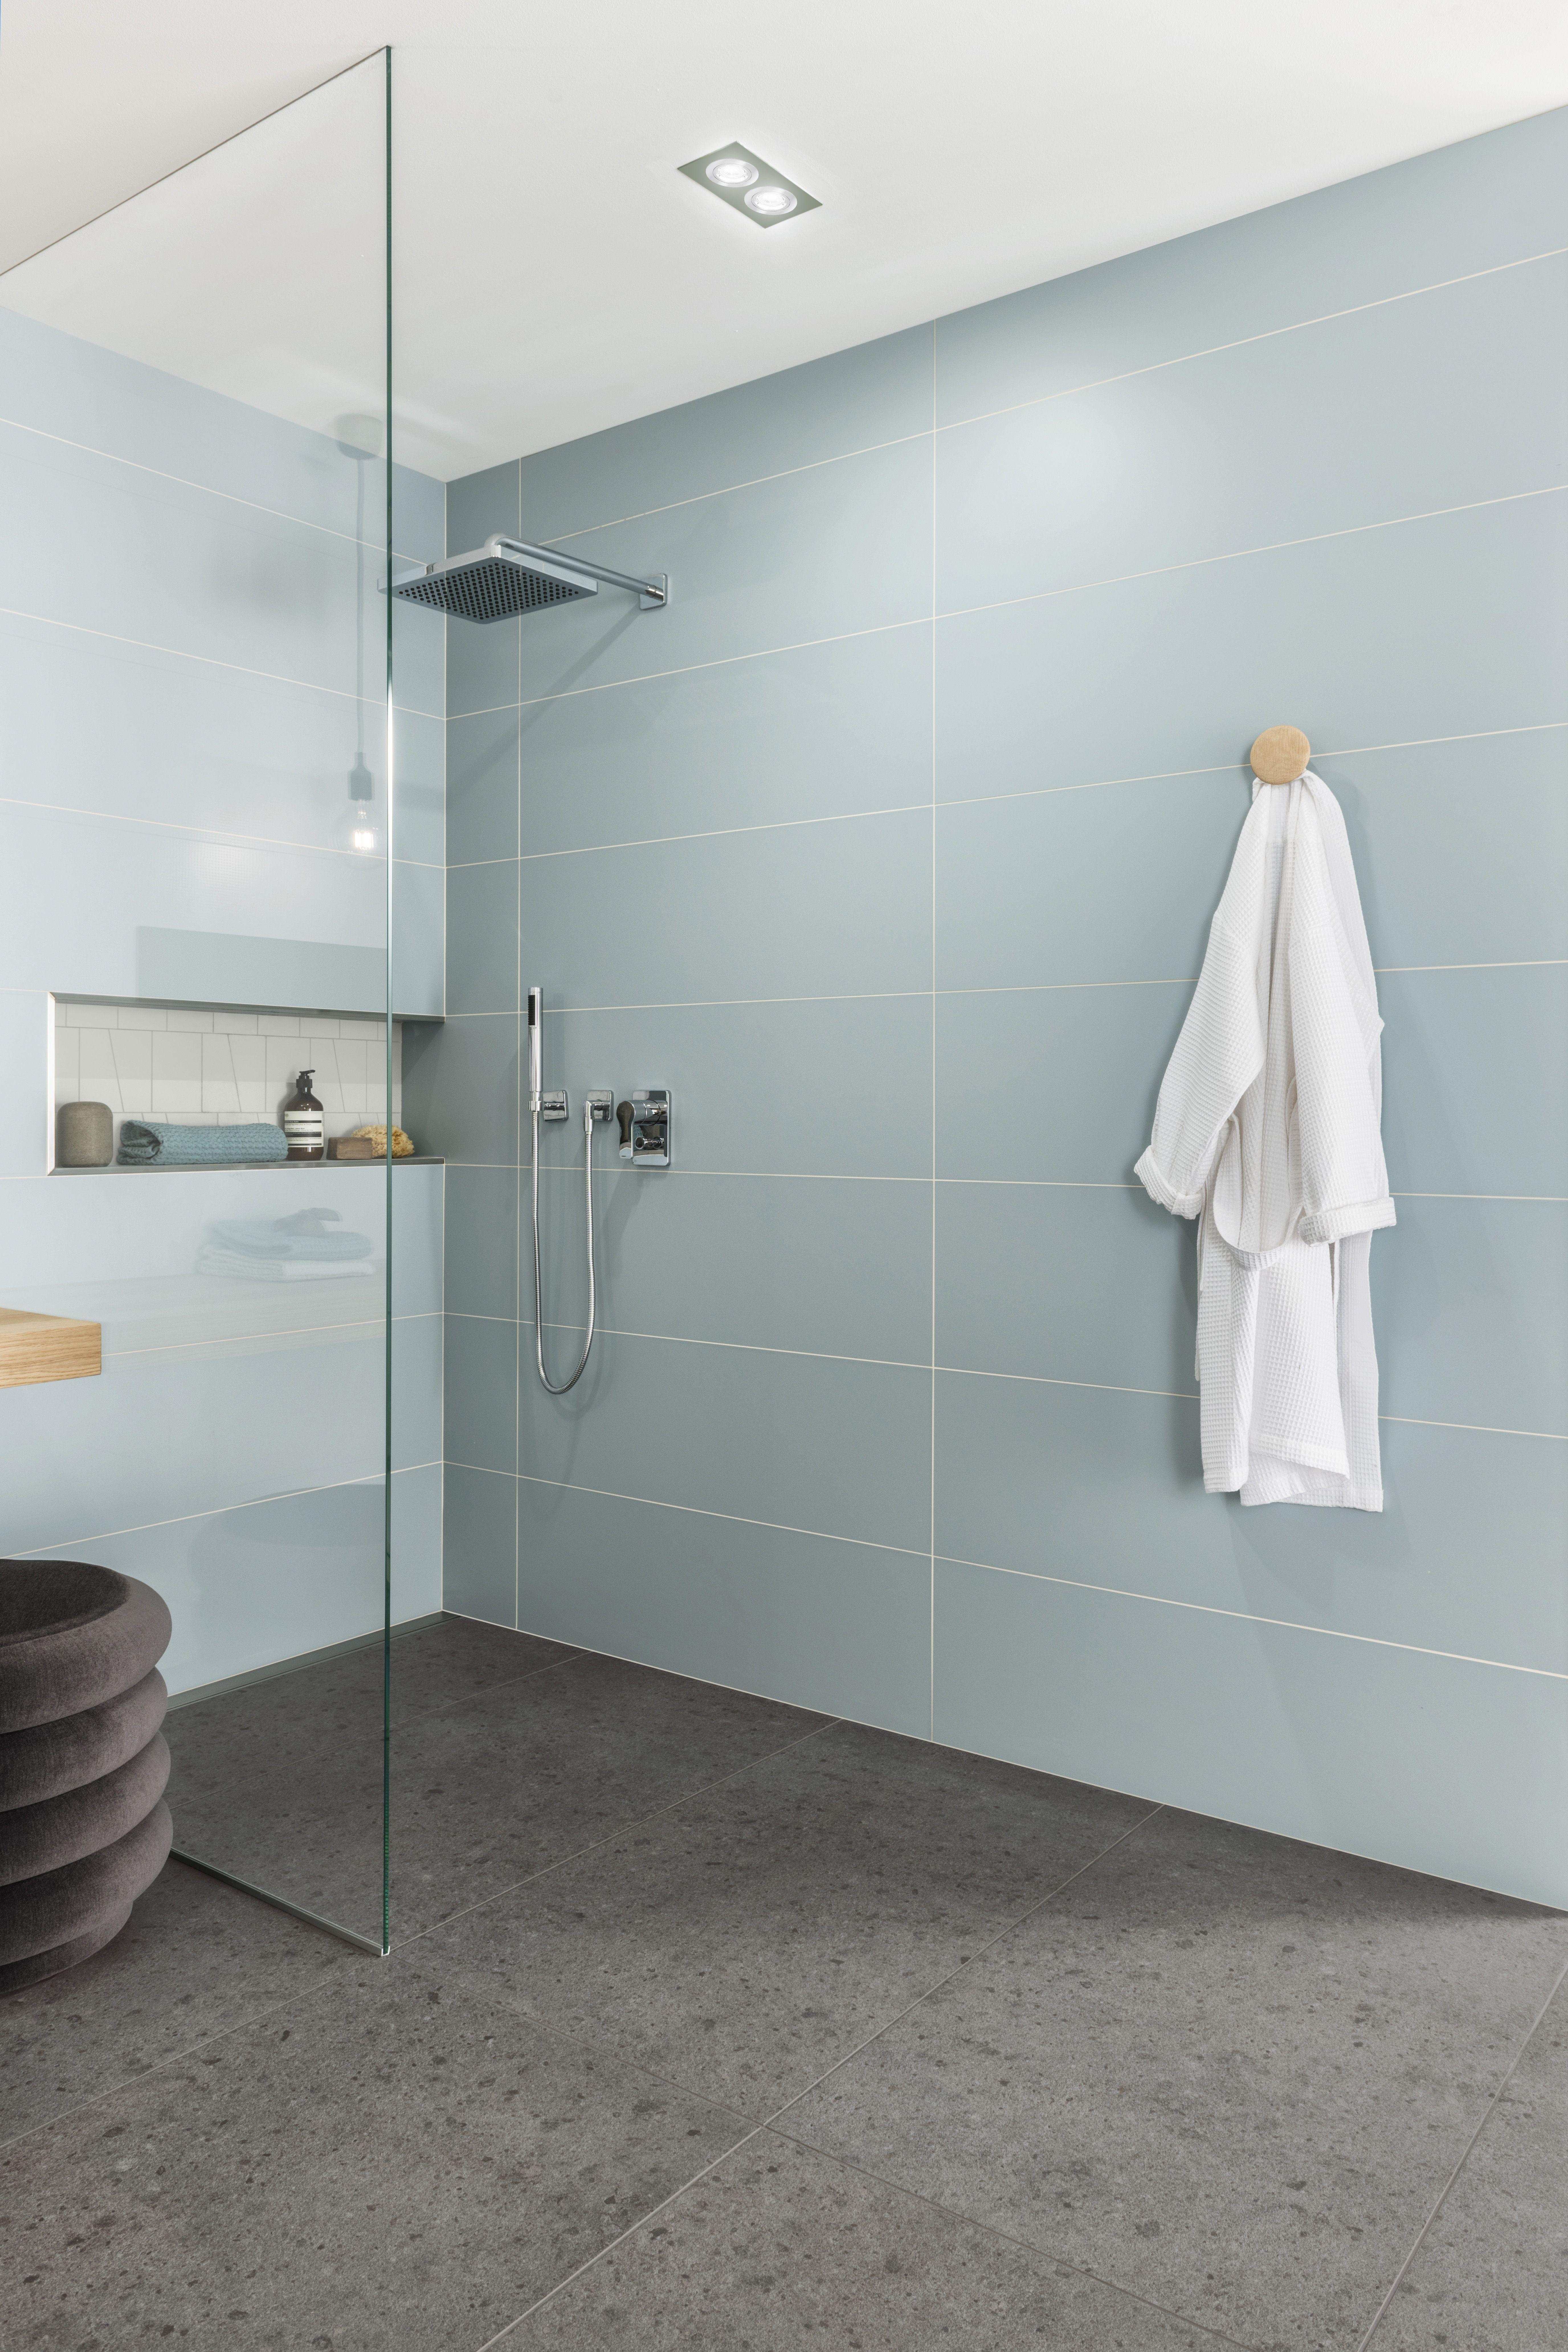 Fliesen In Pastellfarben Bad Fliesen Ideen Neues Bad Badezimmer Trends